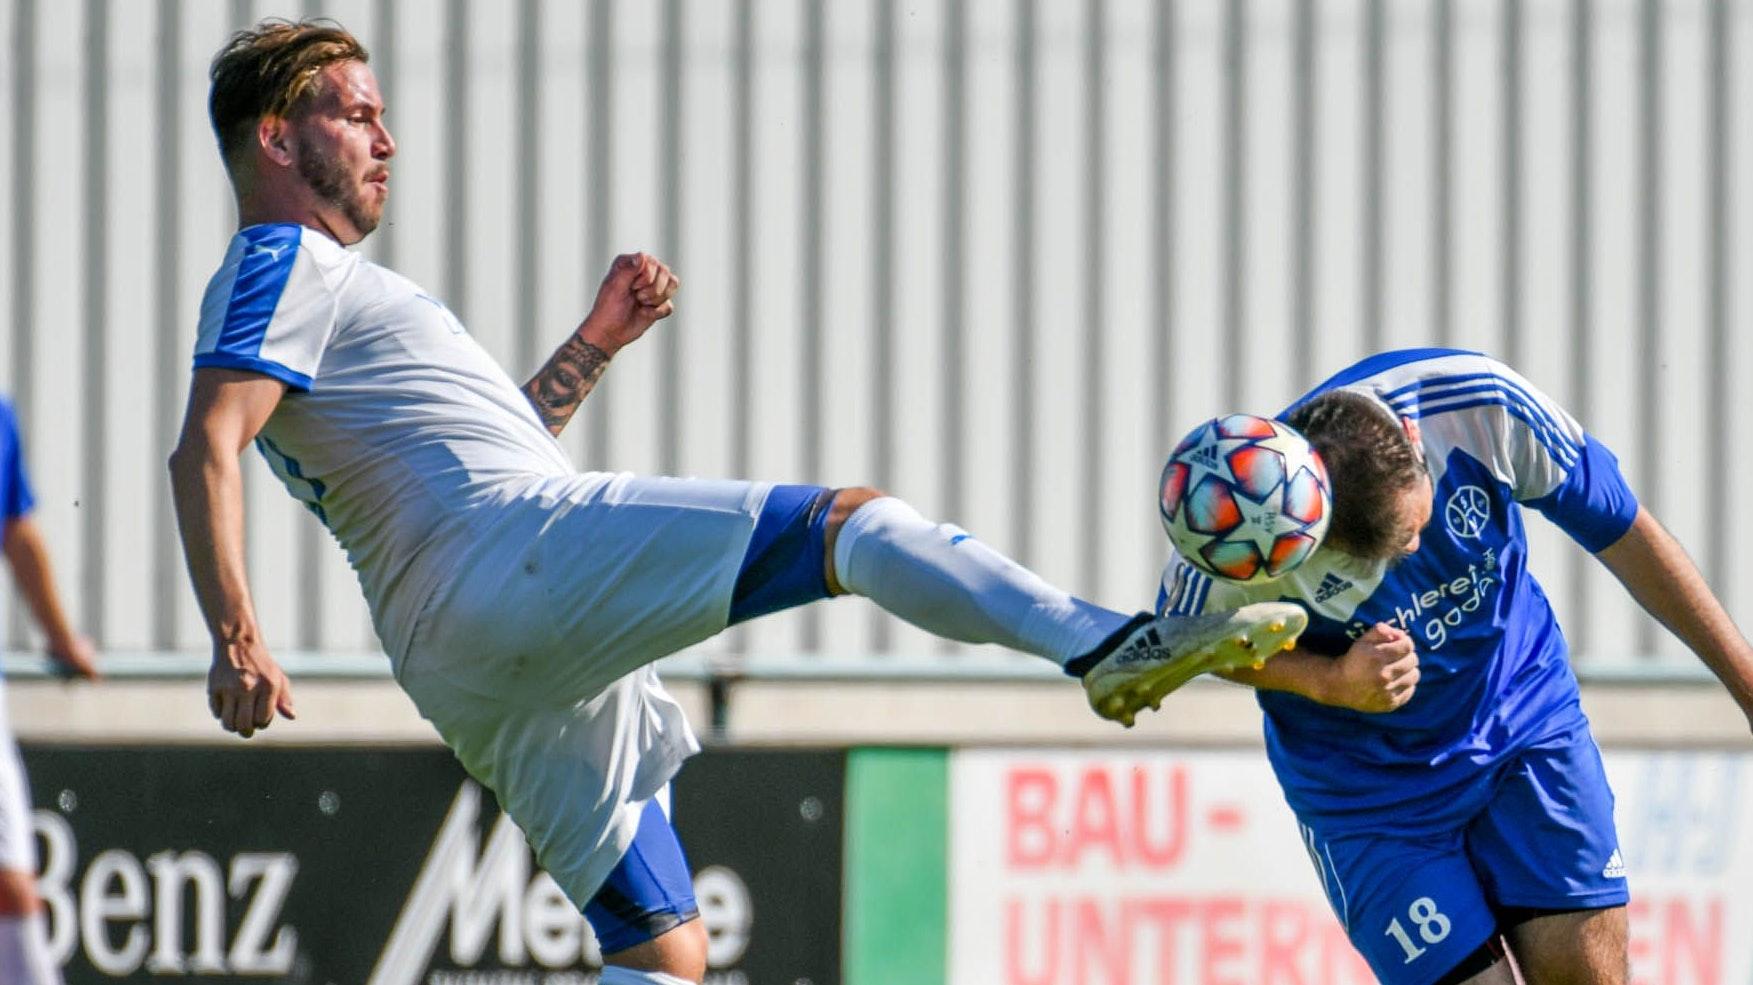 Kampf um den Ball: Kevin Tanke von BW Lohne III (links) im Duell mit Dennis Bojarkin vom SV Holdorf II.&nbsp; Foto: Wenzel <br>